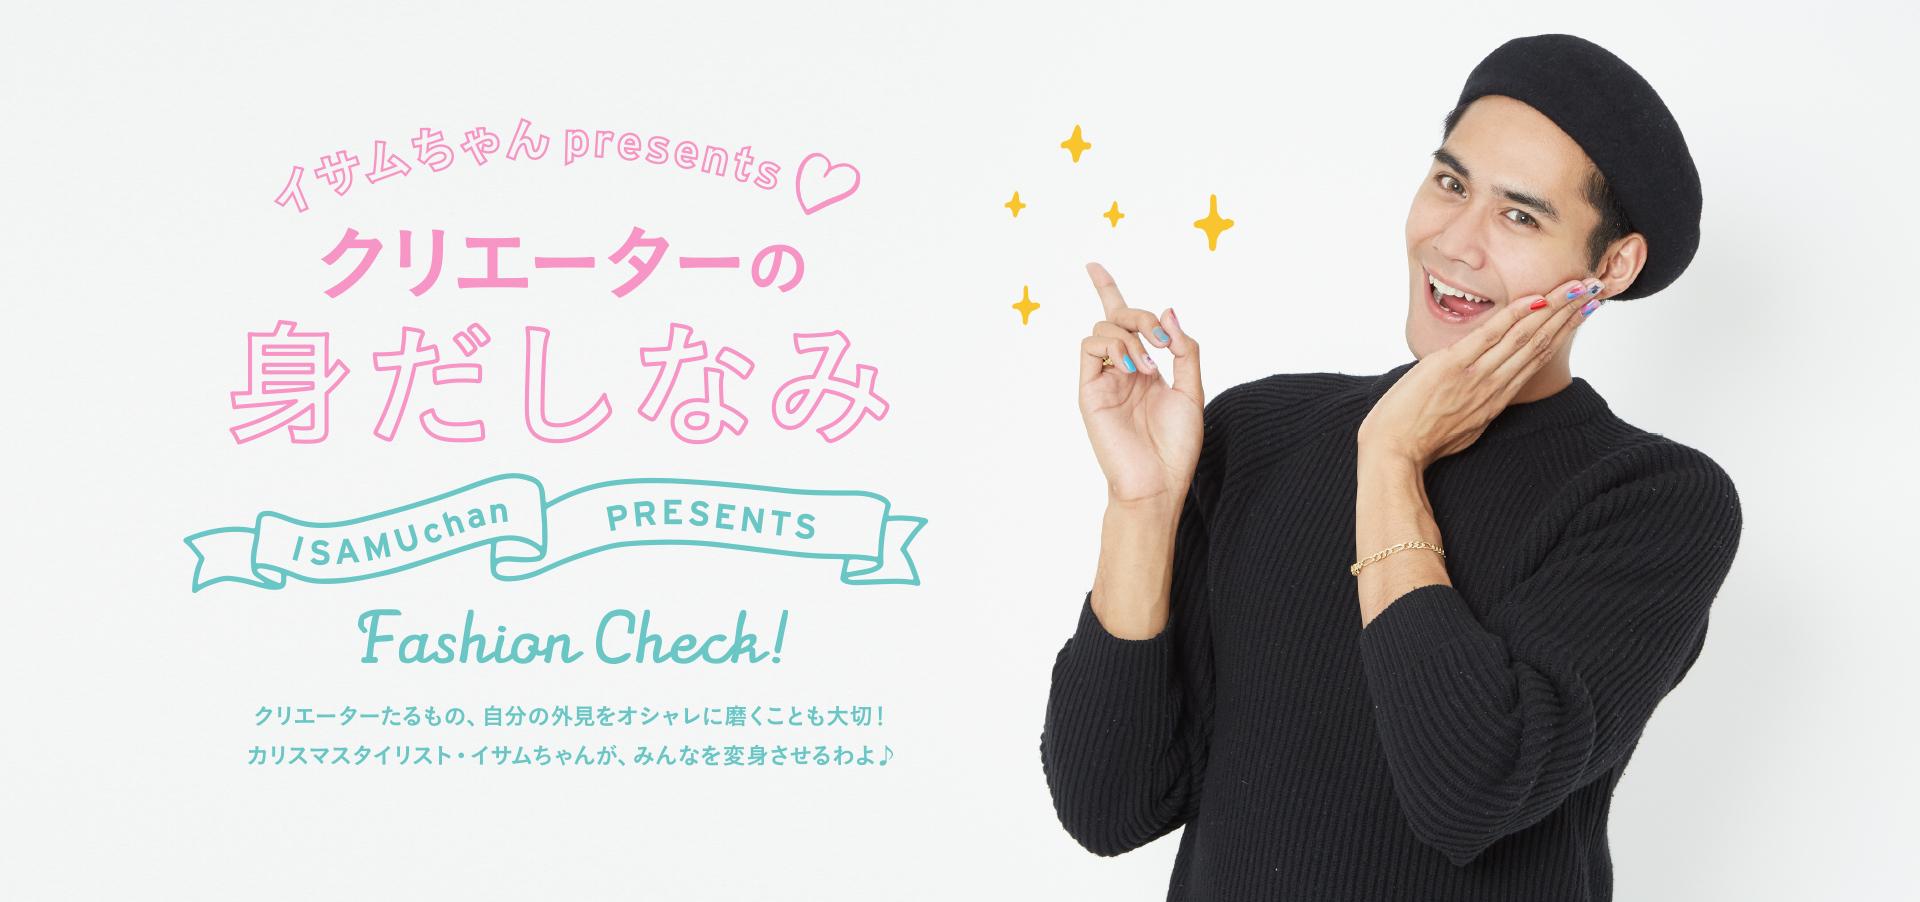 クリエーターの身だしなみ Fashion Checktca デザインイラスト